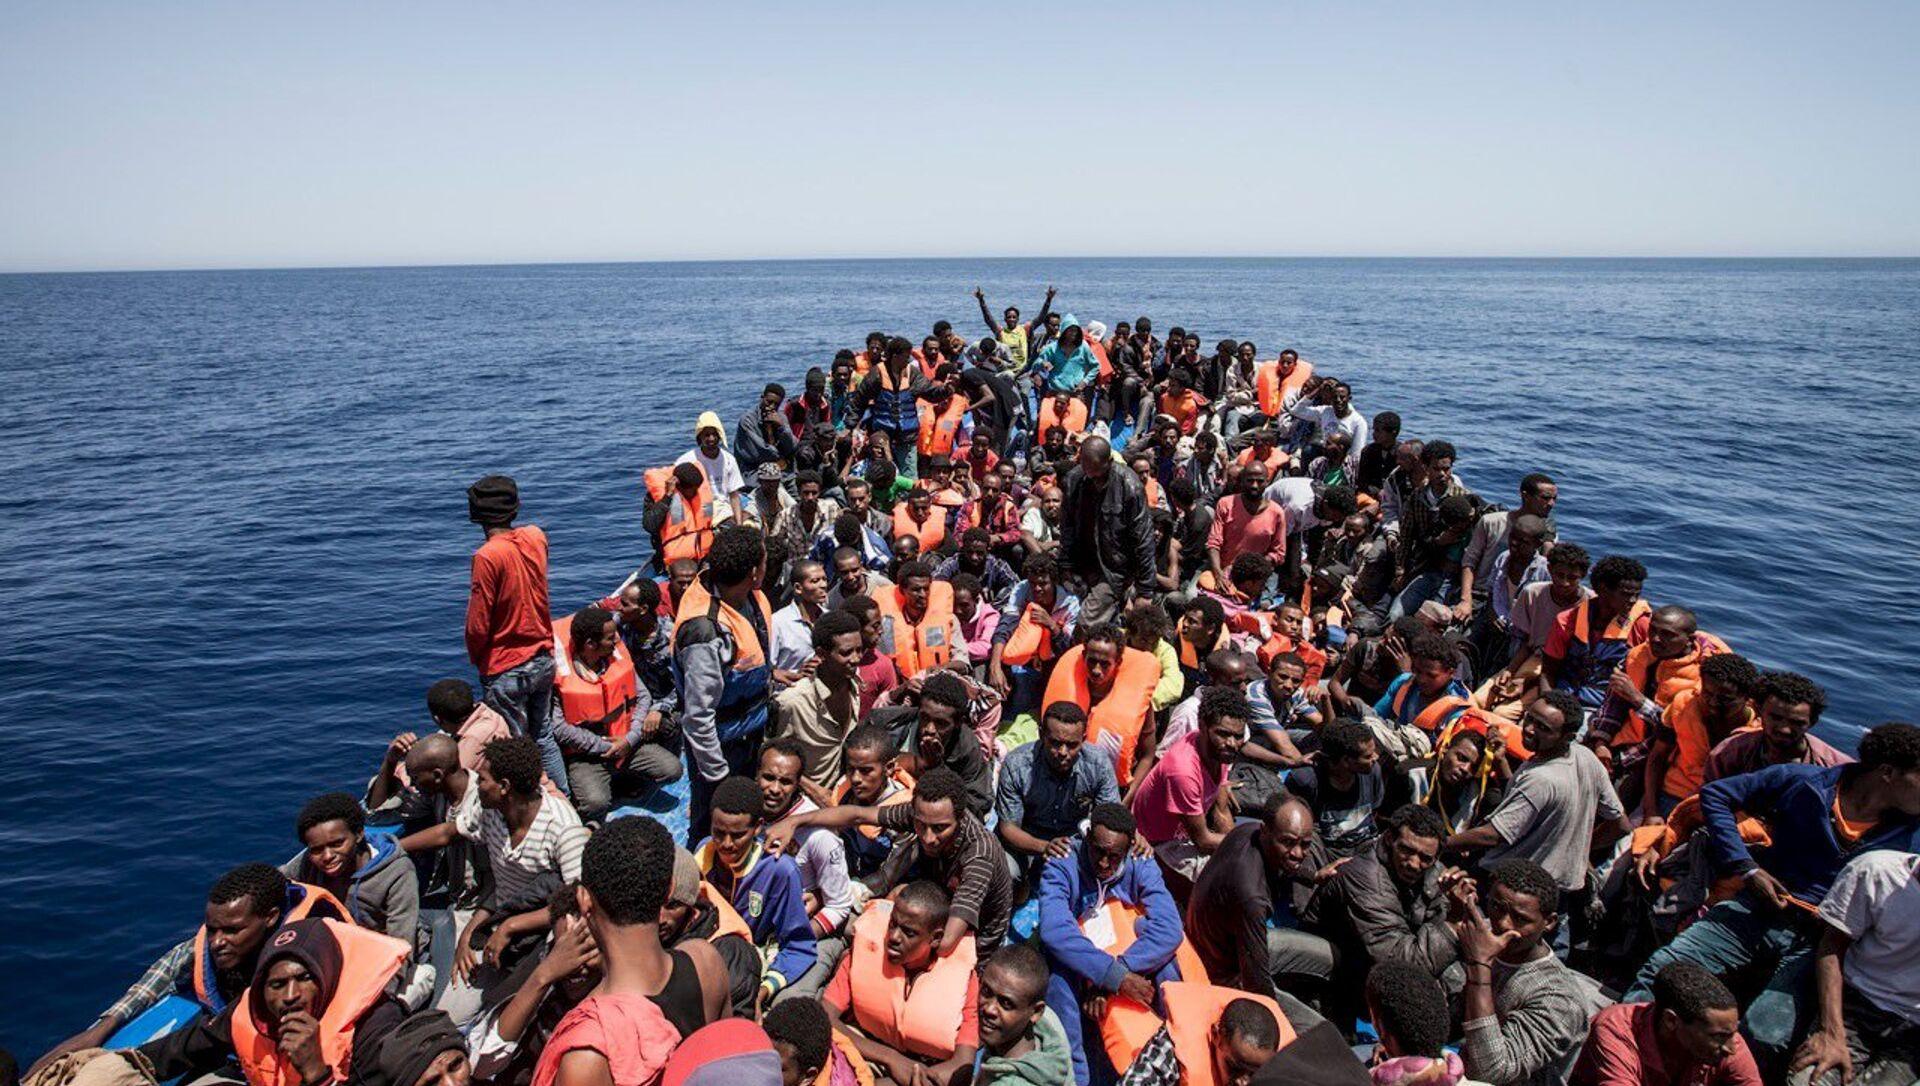 Migrants au large de la Libye, archives - Sputnik France, 1920, 31.08.2021